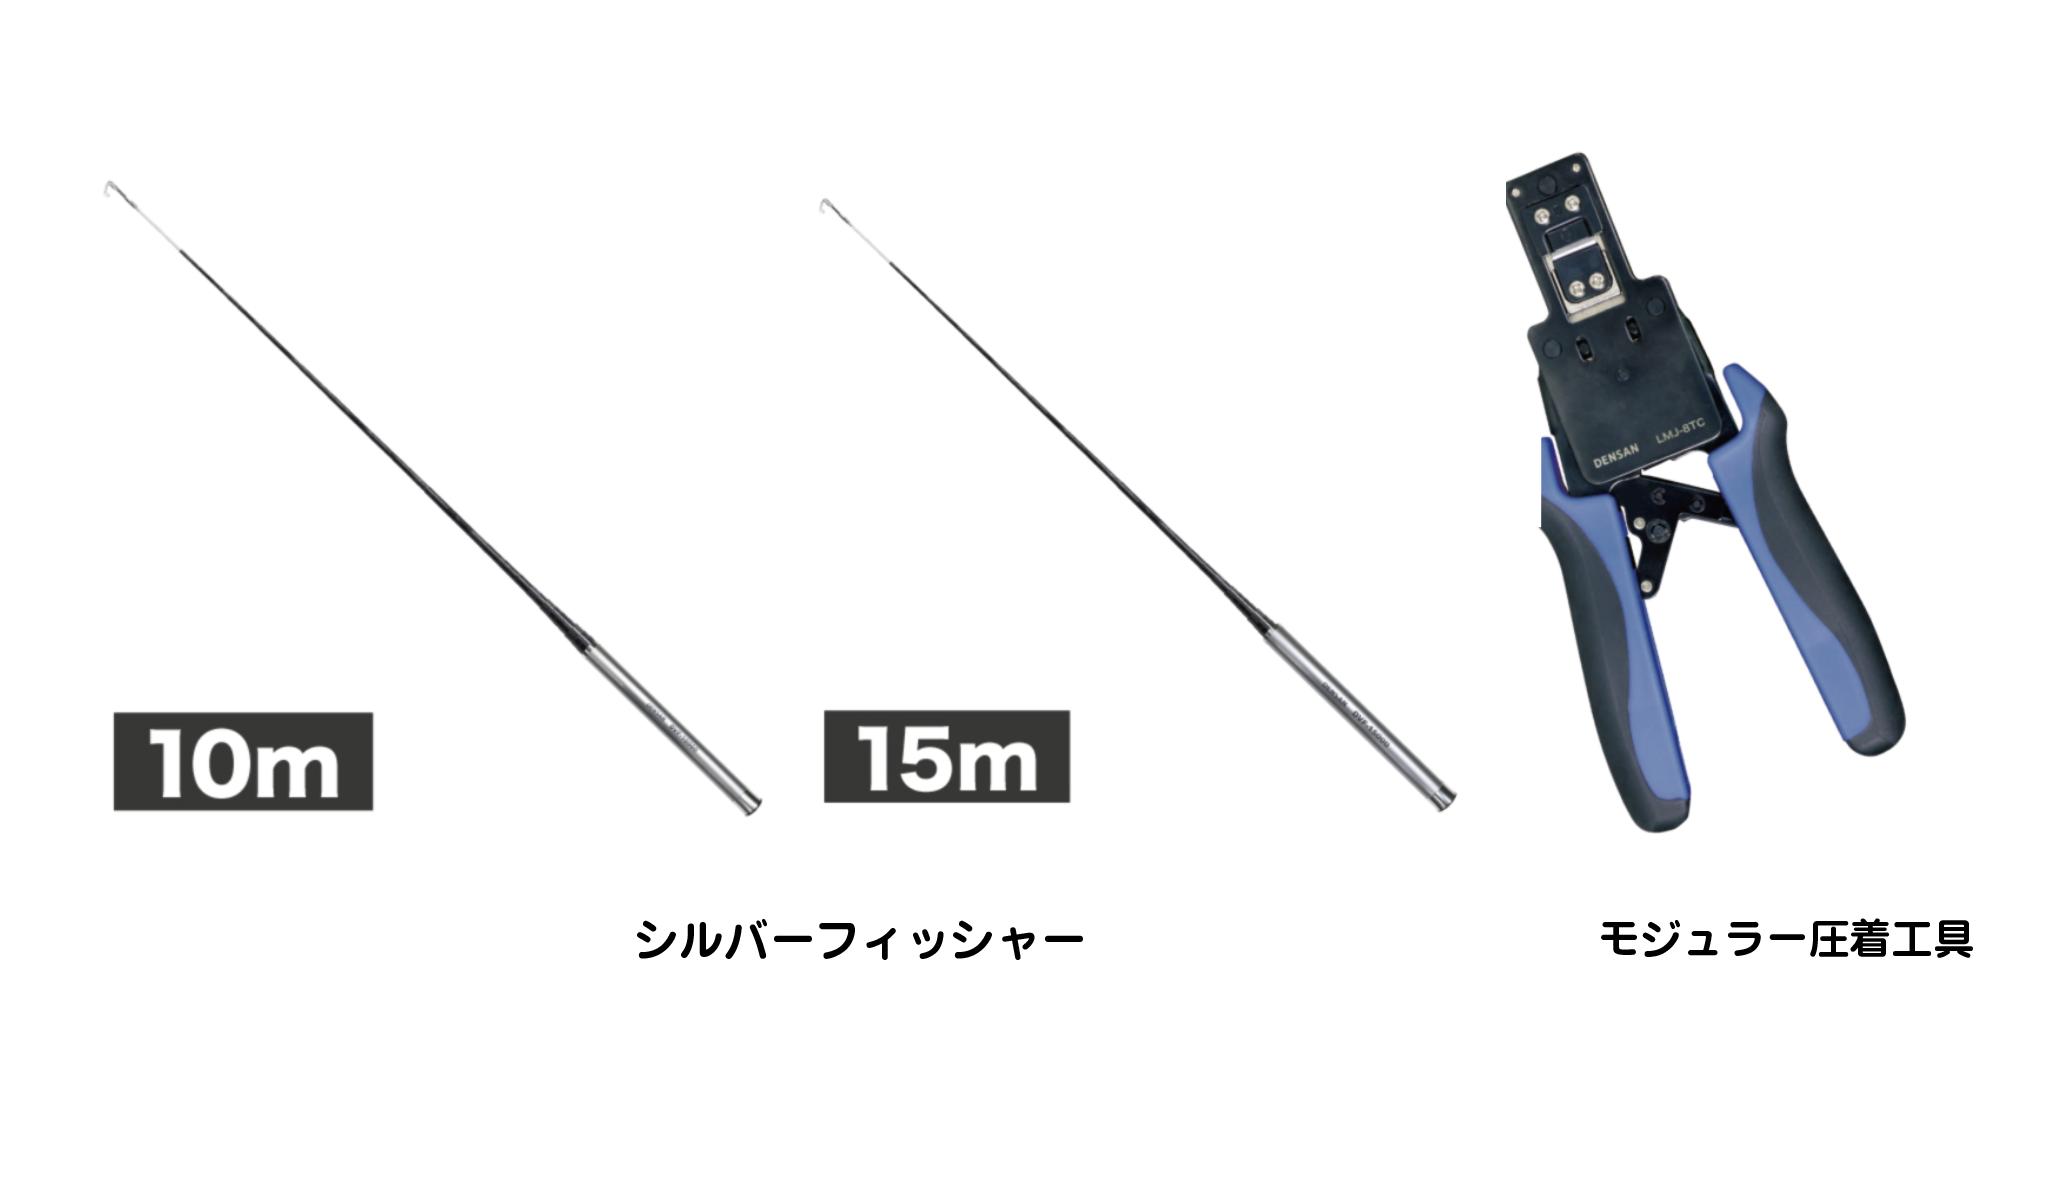 【ジェフコム】 シルバーフィッシャーとモジュラー圧着工具が好評の画像